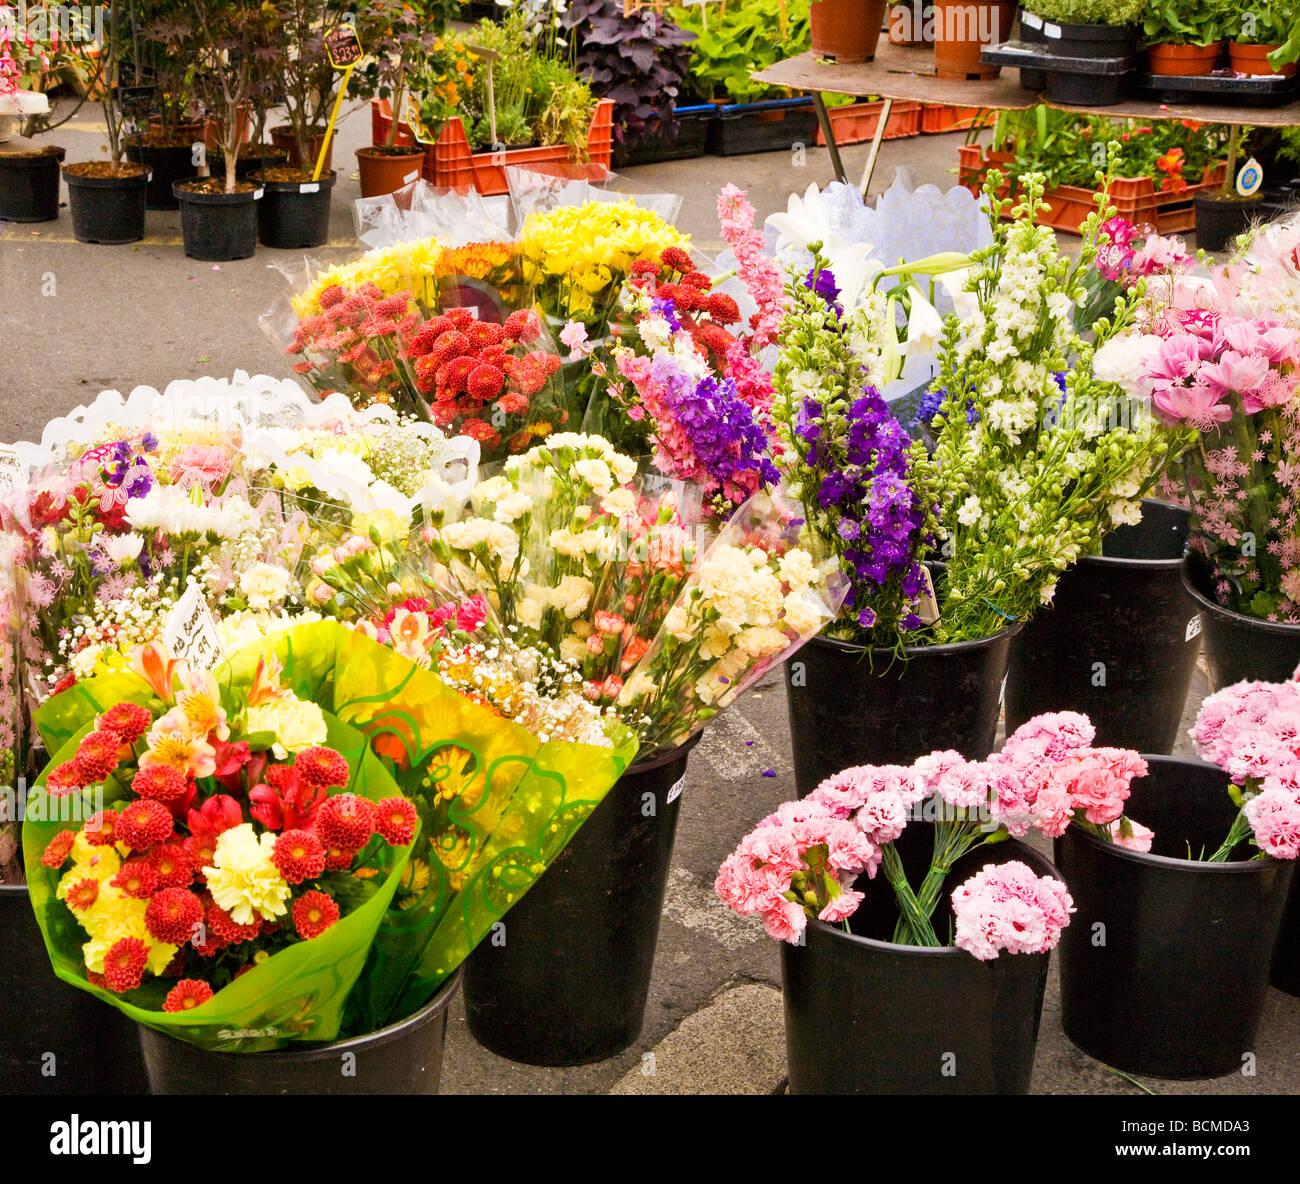 Un fiore in stallo il giovedì farmer s market nel tipico mercato inglese comune di Devizes Wiltshire, Inghilterra Foto Stock